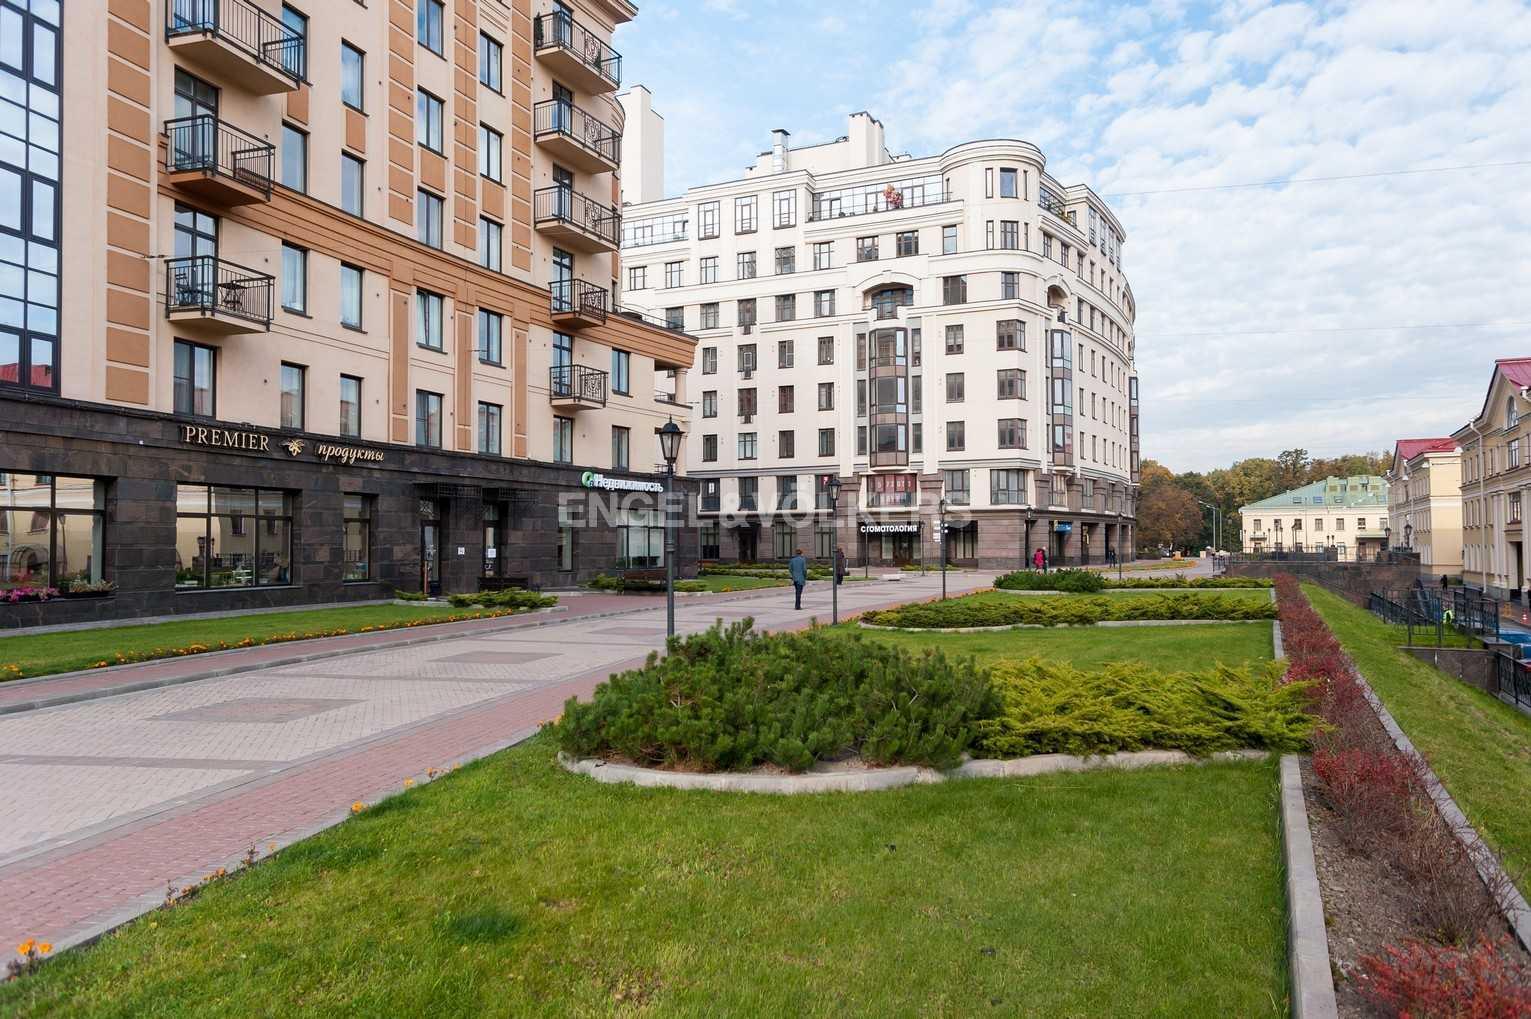 Элитные квартиры в Центральном районе. Санкт-Петербург, Парадная ул. 3. Придомовая территория комплекса